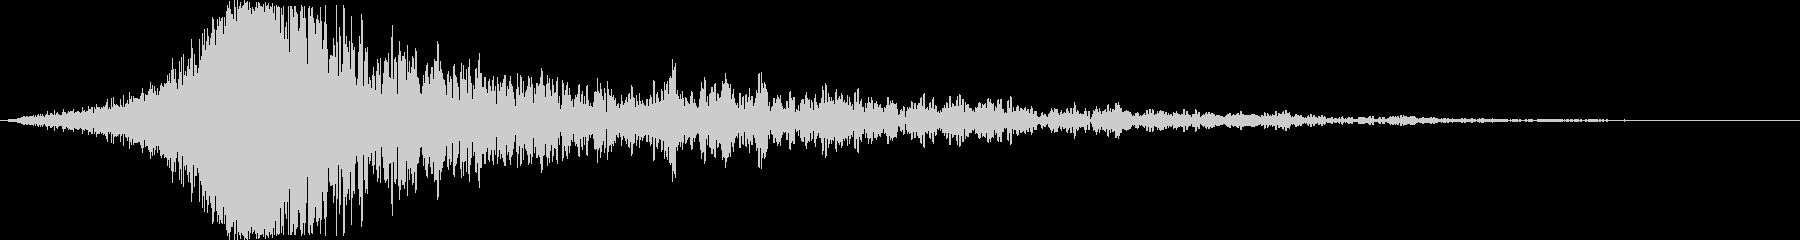 【インパクト】壮大なヒット音_03の未再生の波形